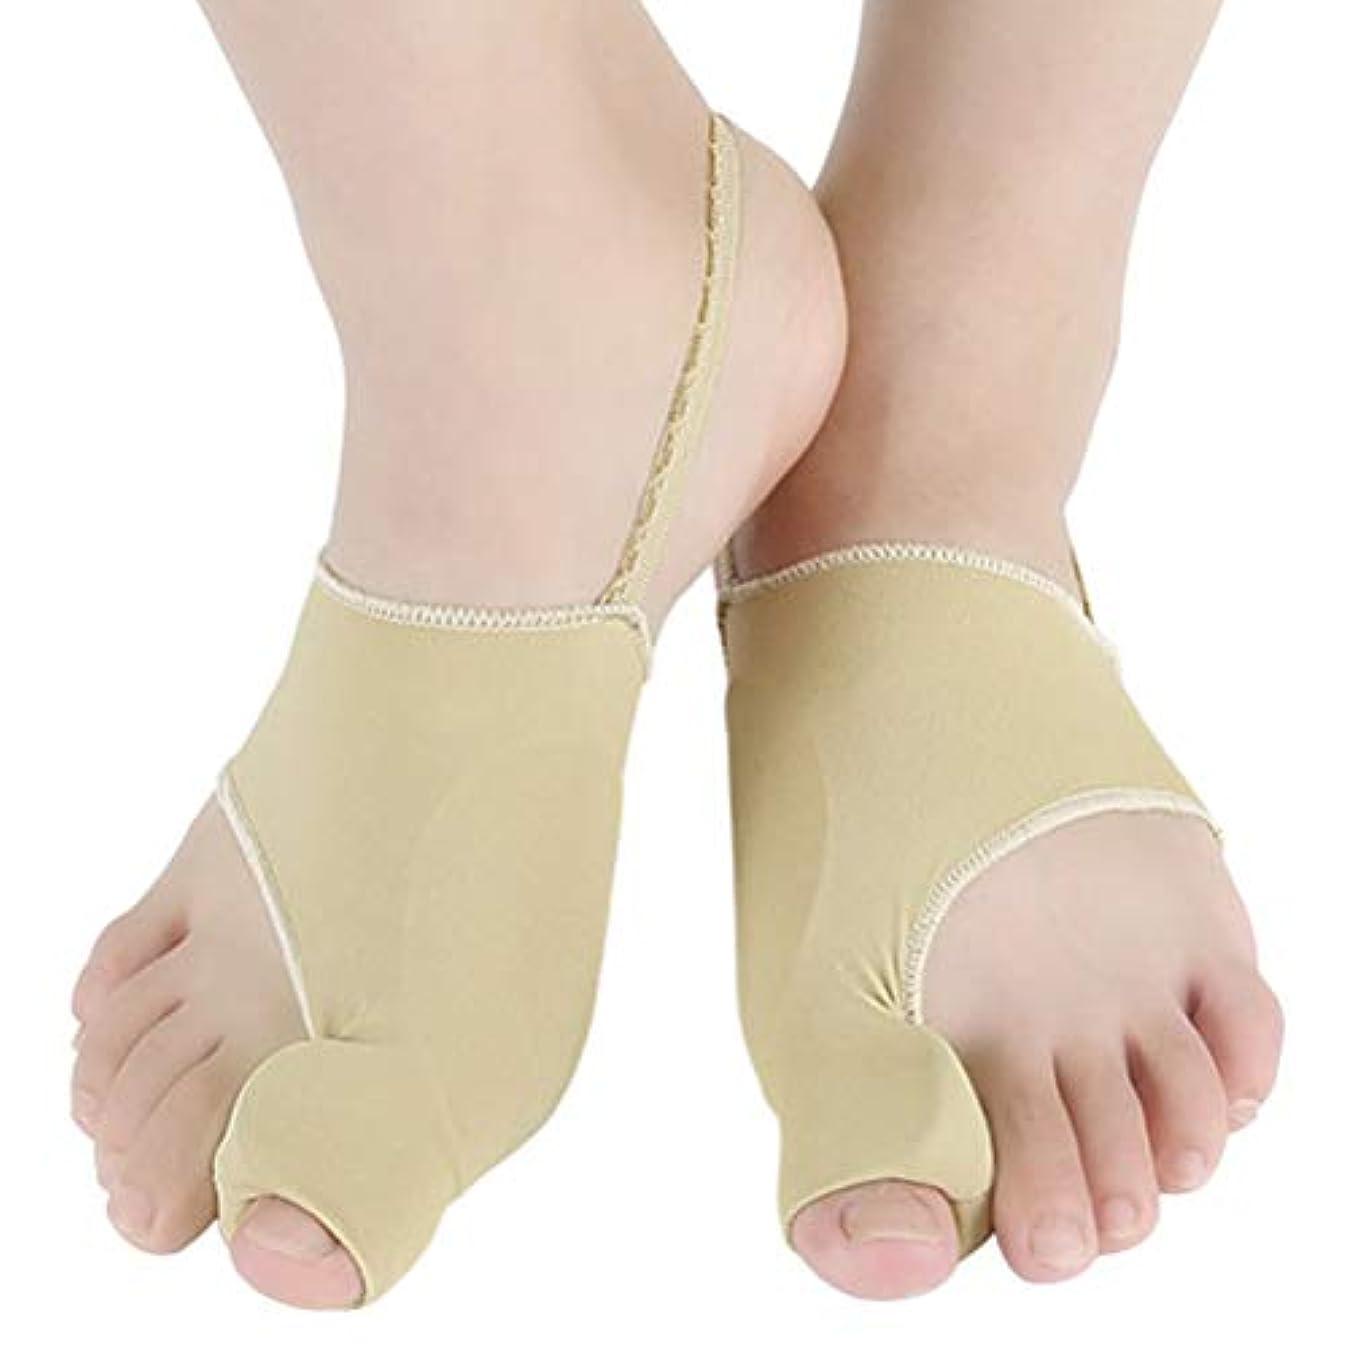 意識的輪郭ペグHeallily 足首矯正用1対のつま先ブレース親指調整可能な腱膜プロテクター副脚の母趾外反治療用(カーキサイズL)